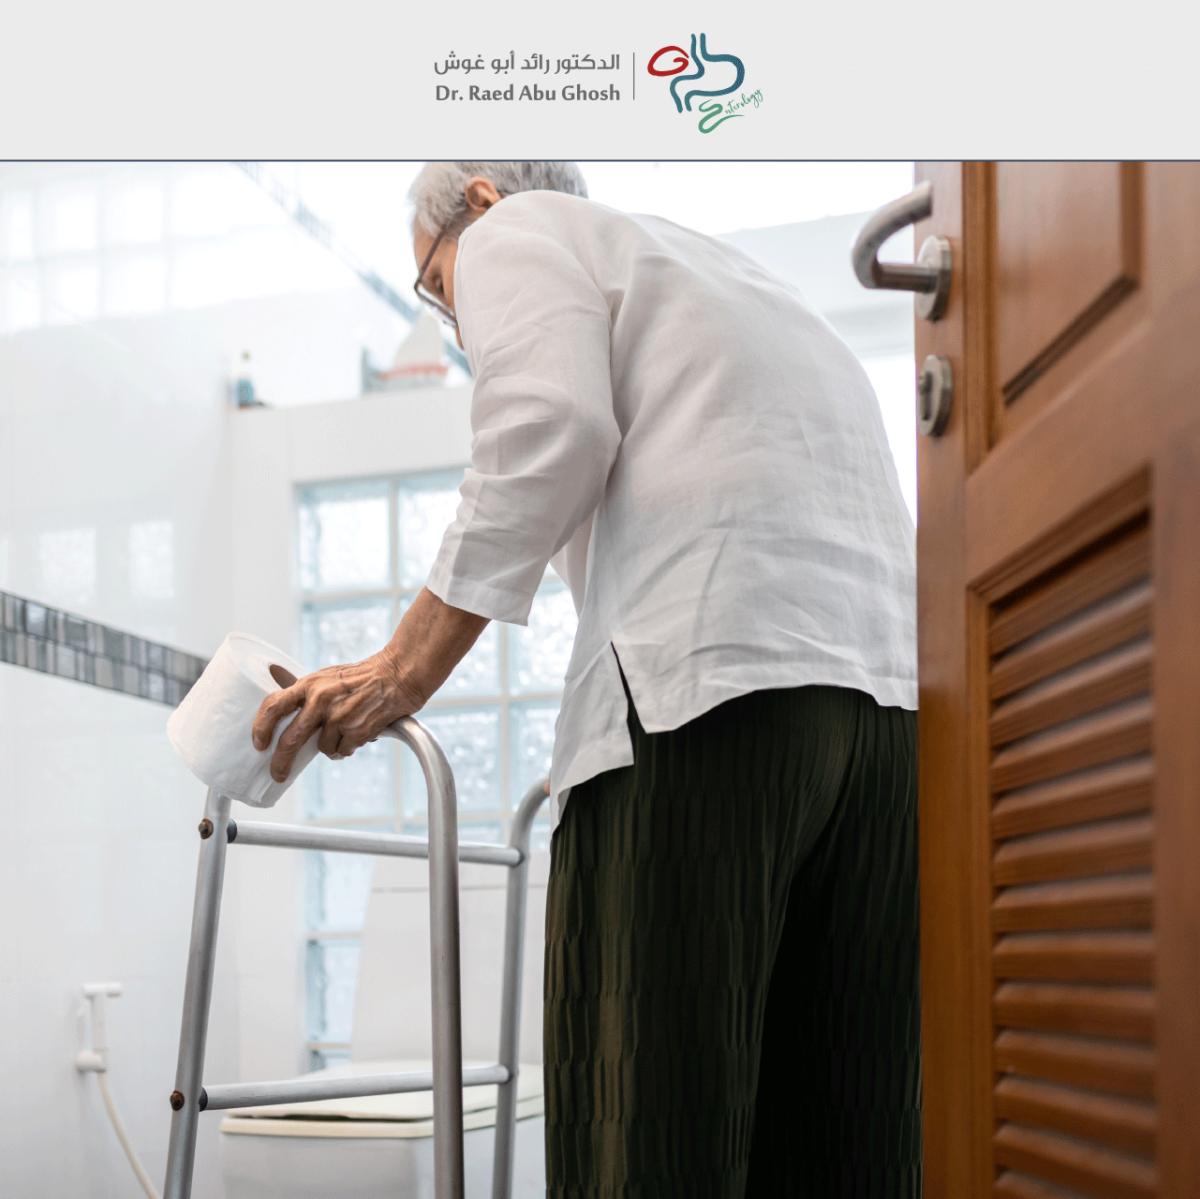 -رائد-مشاكل-الأمعاء-عند-المسنين-1200x1199.png